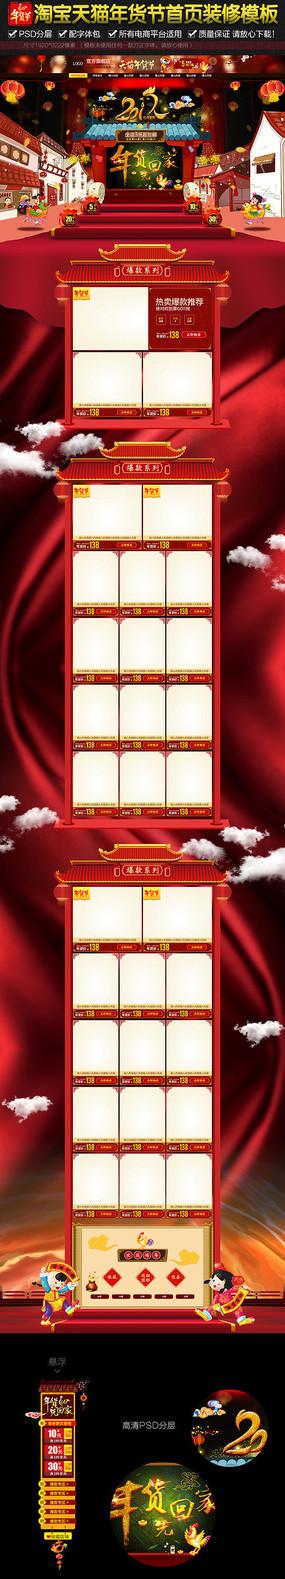 天猫年货节首页模板设计